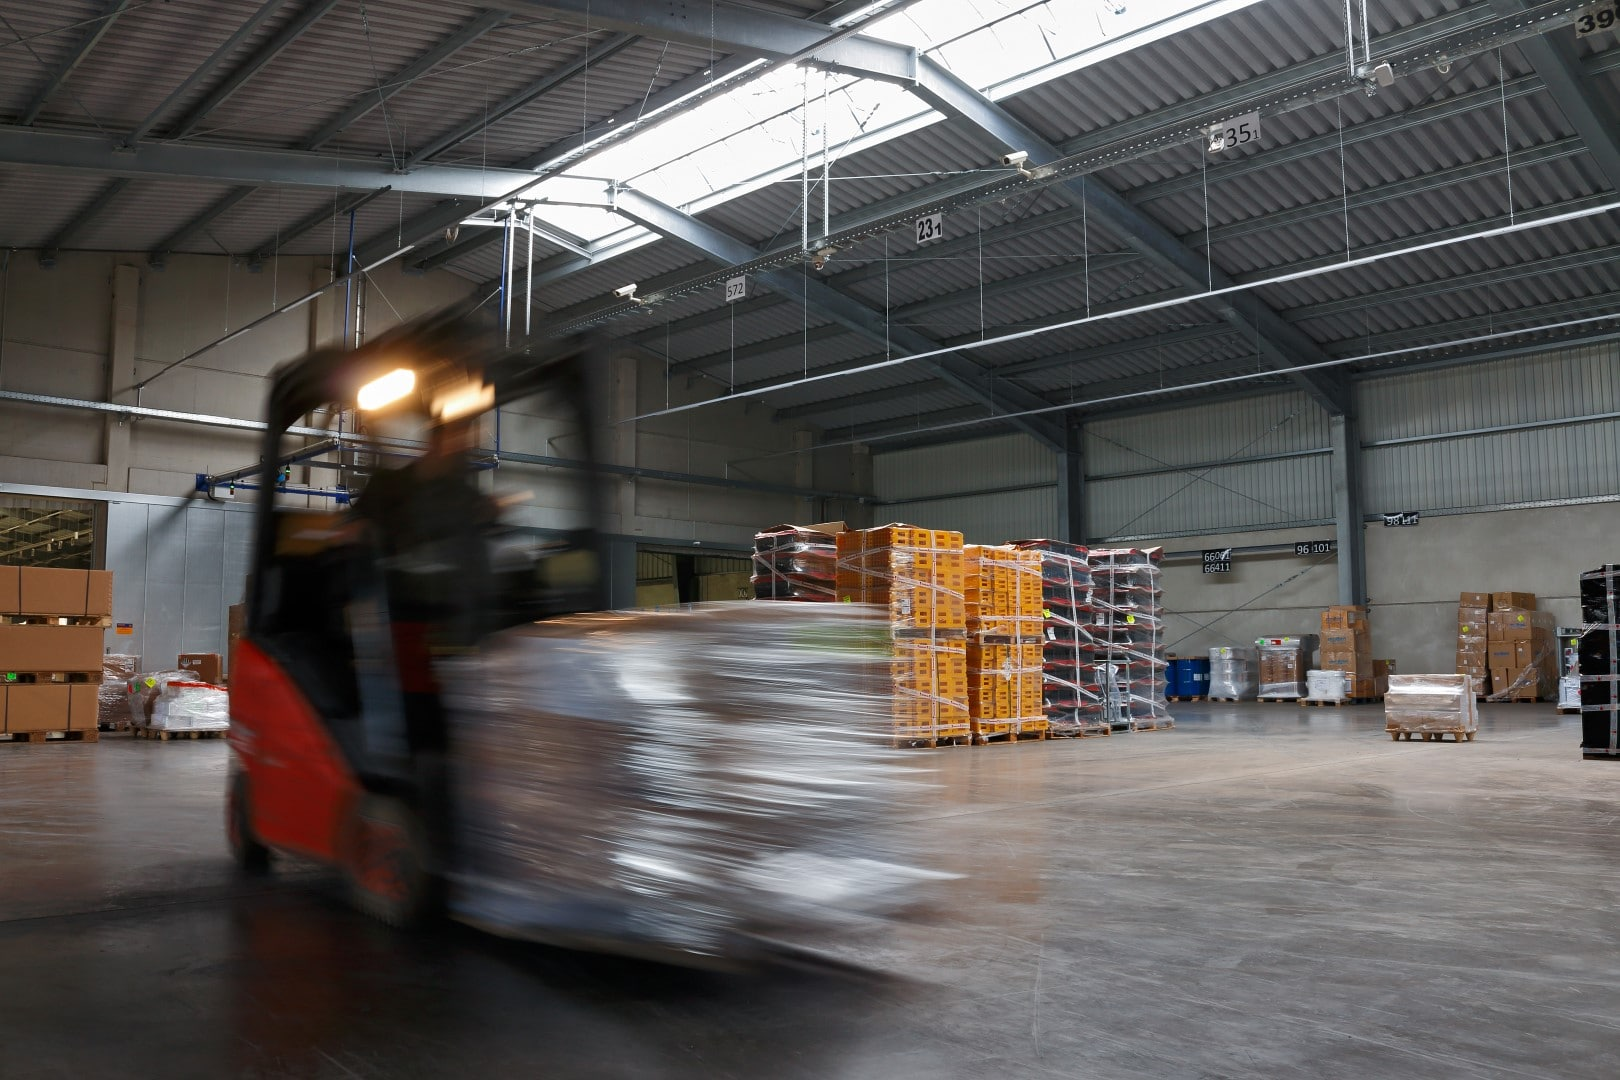 Bild: Innenansicht. Warenumschlag von Stückgut in der VTL-Halle